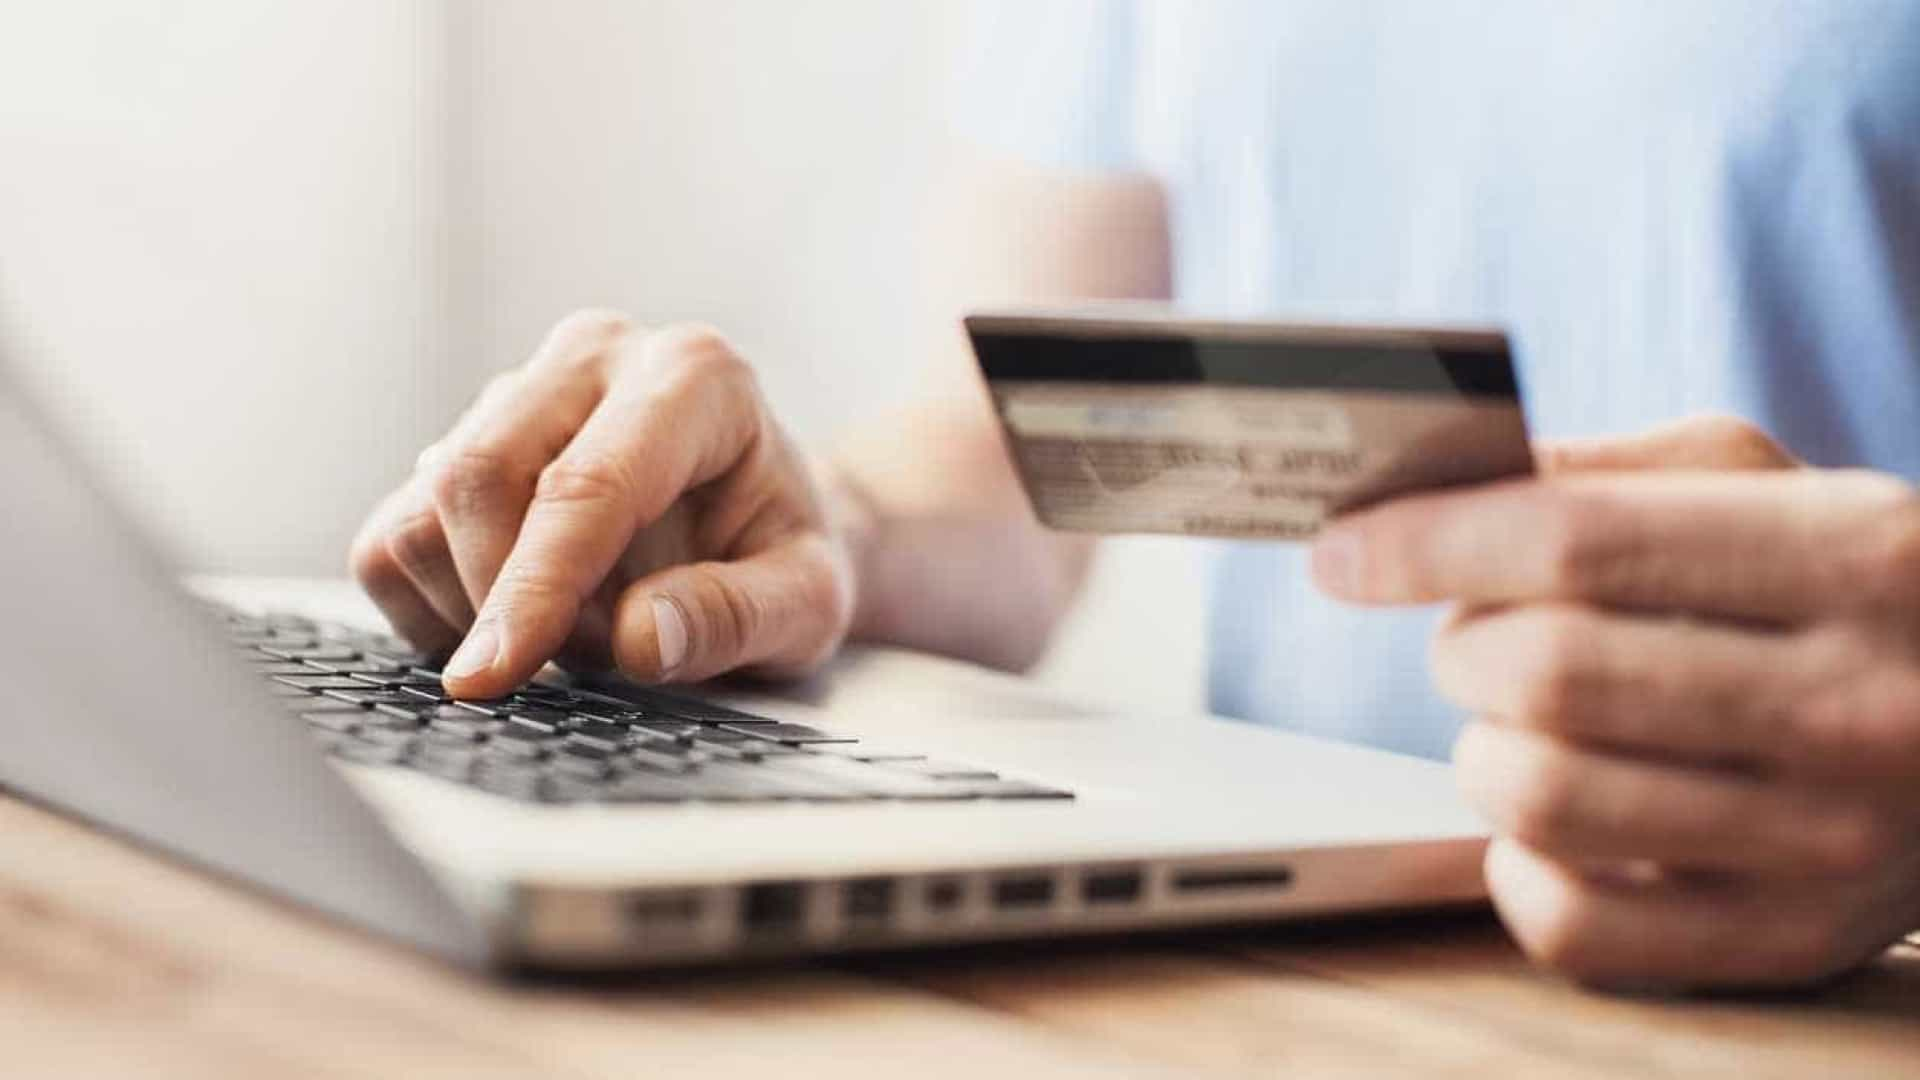 Tome nota destas cinco despesas que não deve pagar com cartão de crédito